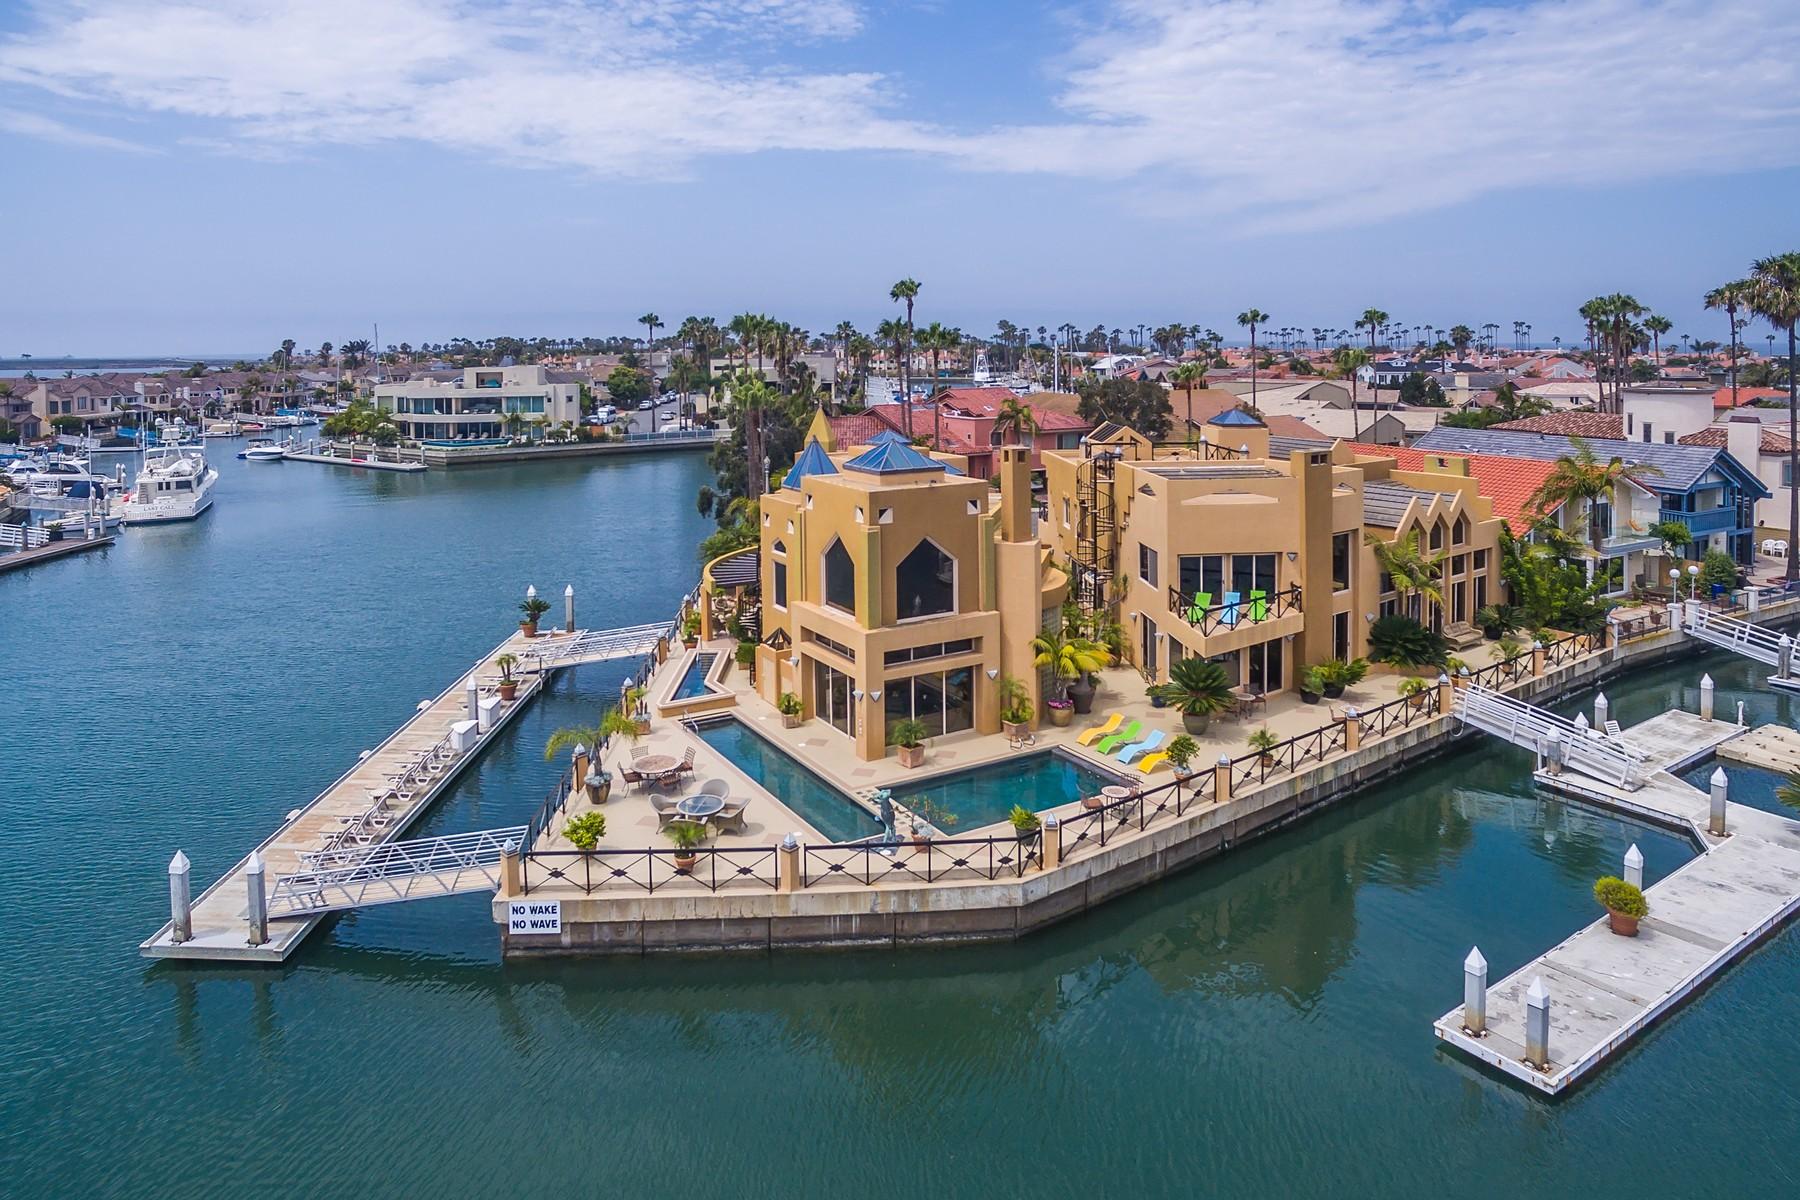 Casa Unifamiliar por un Venta en 3 Blue Anchor Cay Road Coronado, California 92118 Estados Unidos